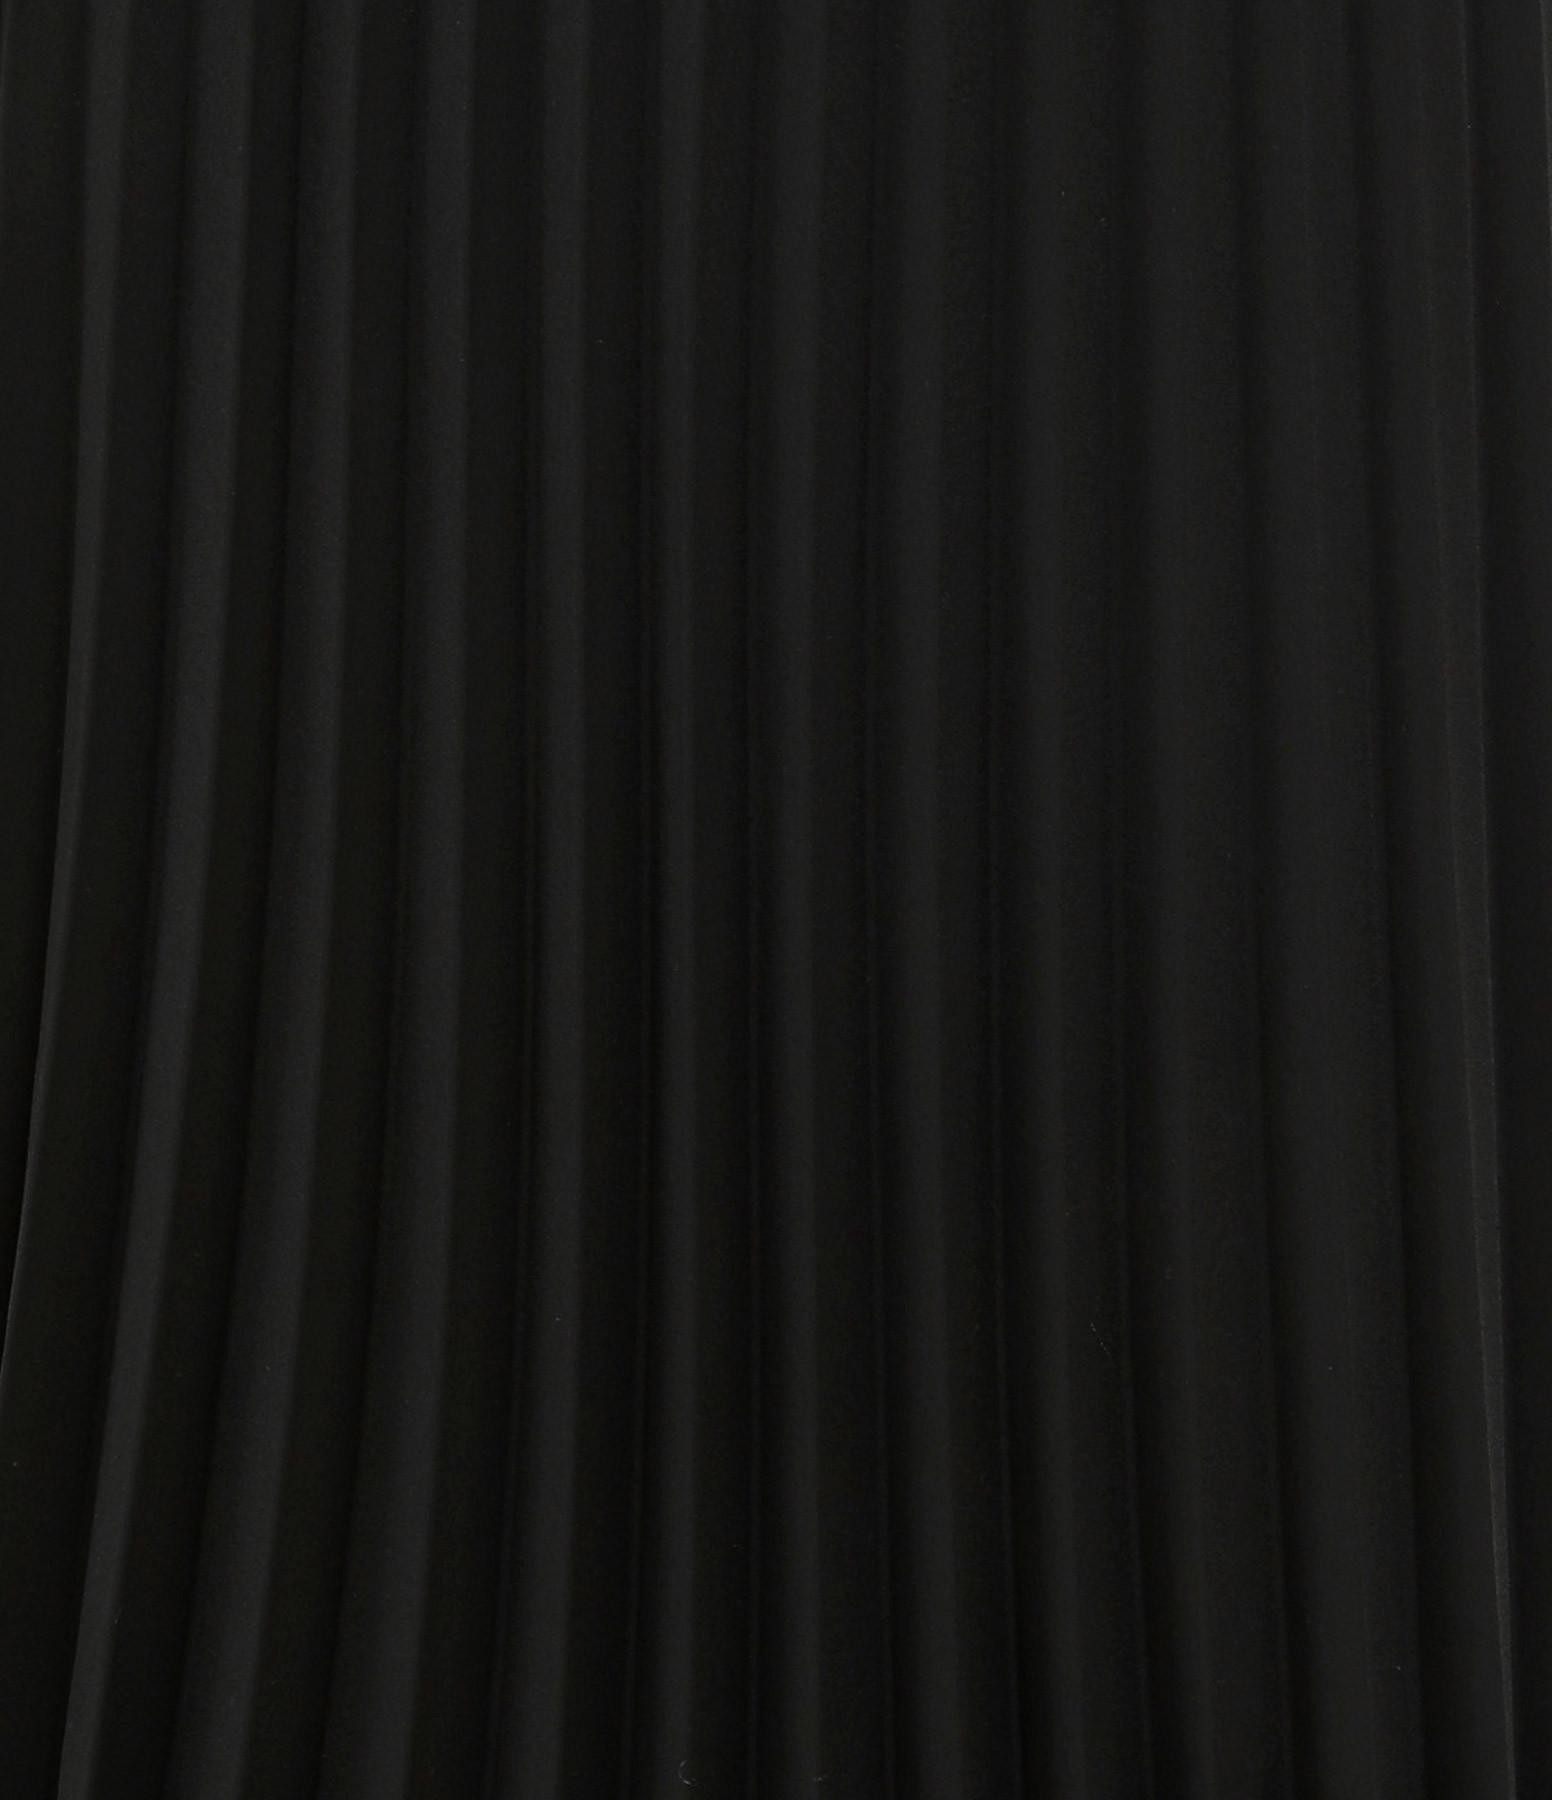 MM6 MAISON MARGIELA - Jupe Plissée Noir